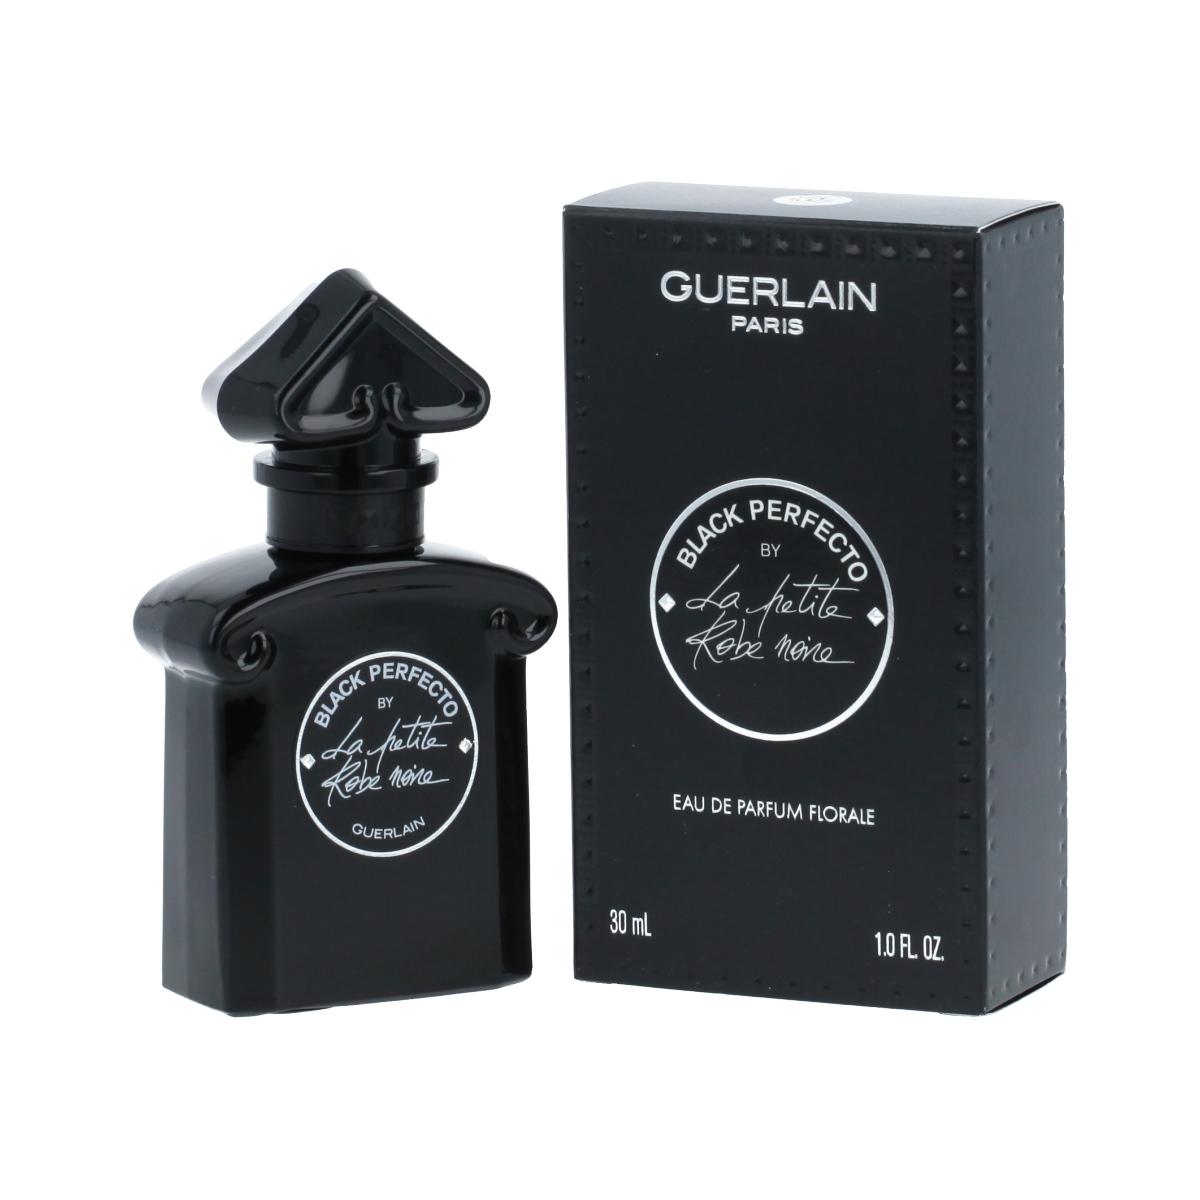 Guerlain Black Perfecto by La Petite Robe Noire EDP Florale 30 ml W